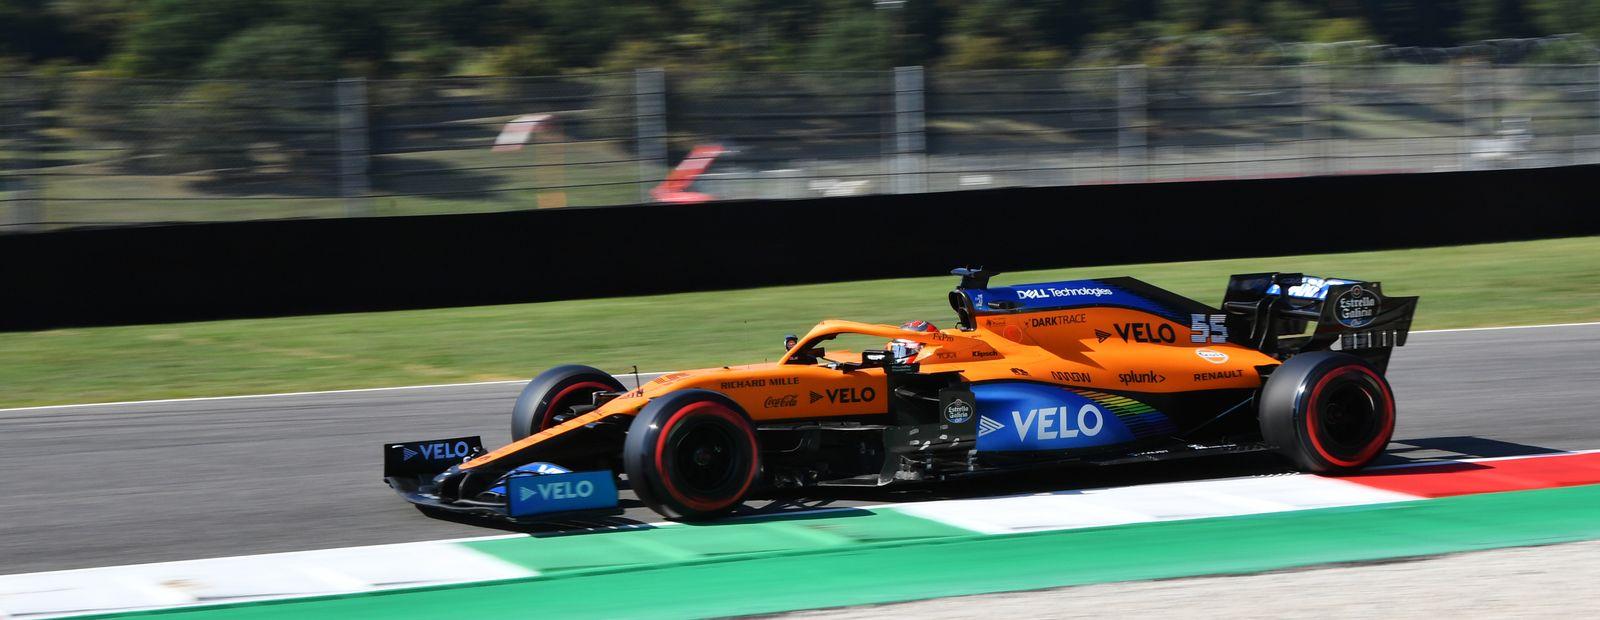 2020 Tuscan Grand Prix – Qualifying